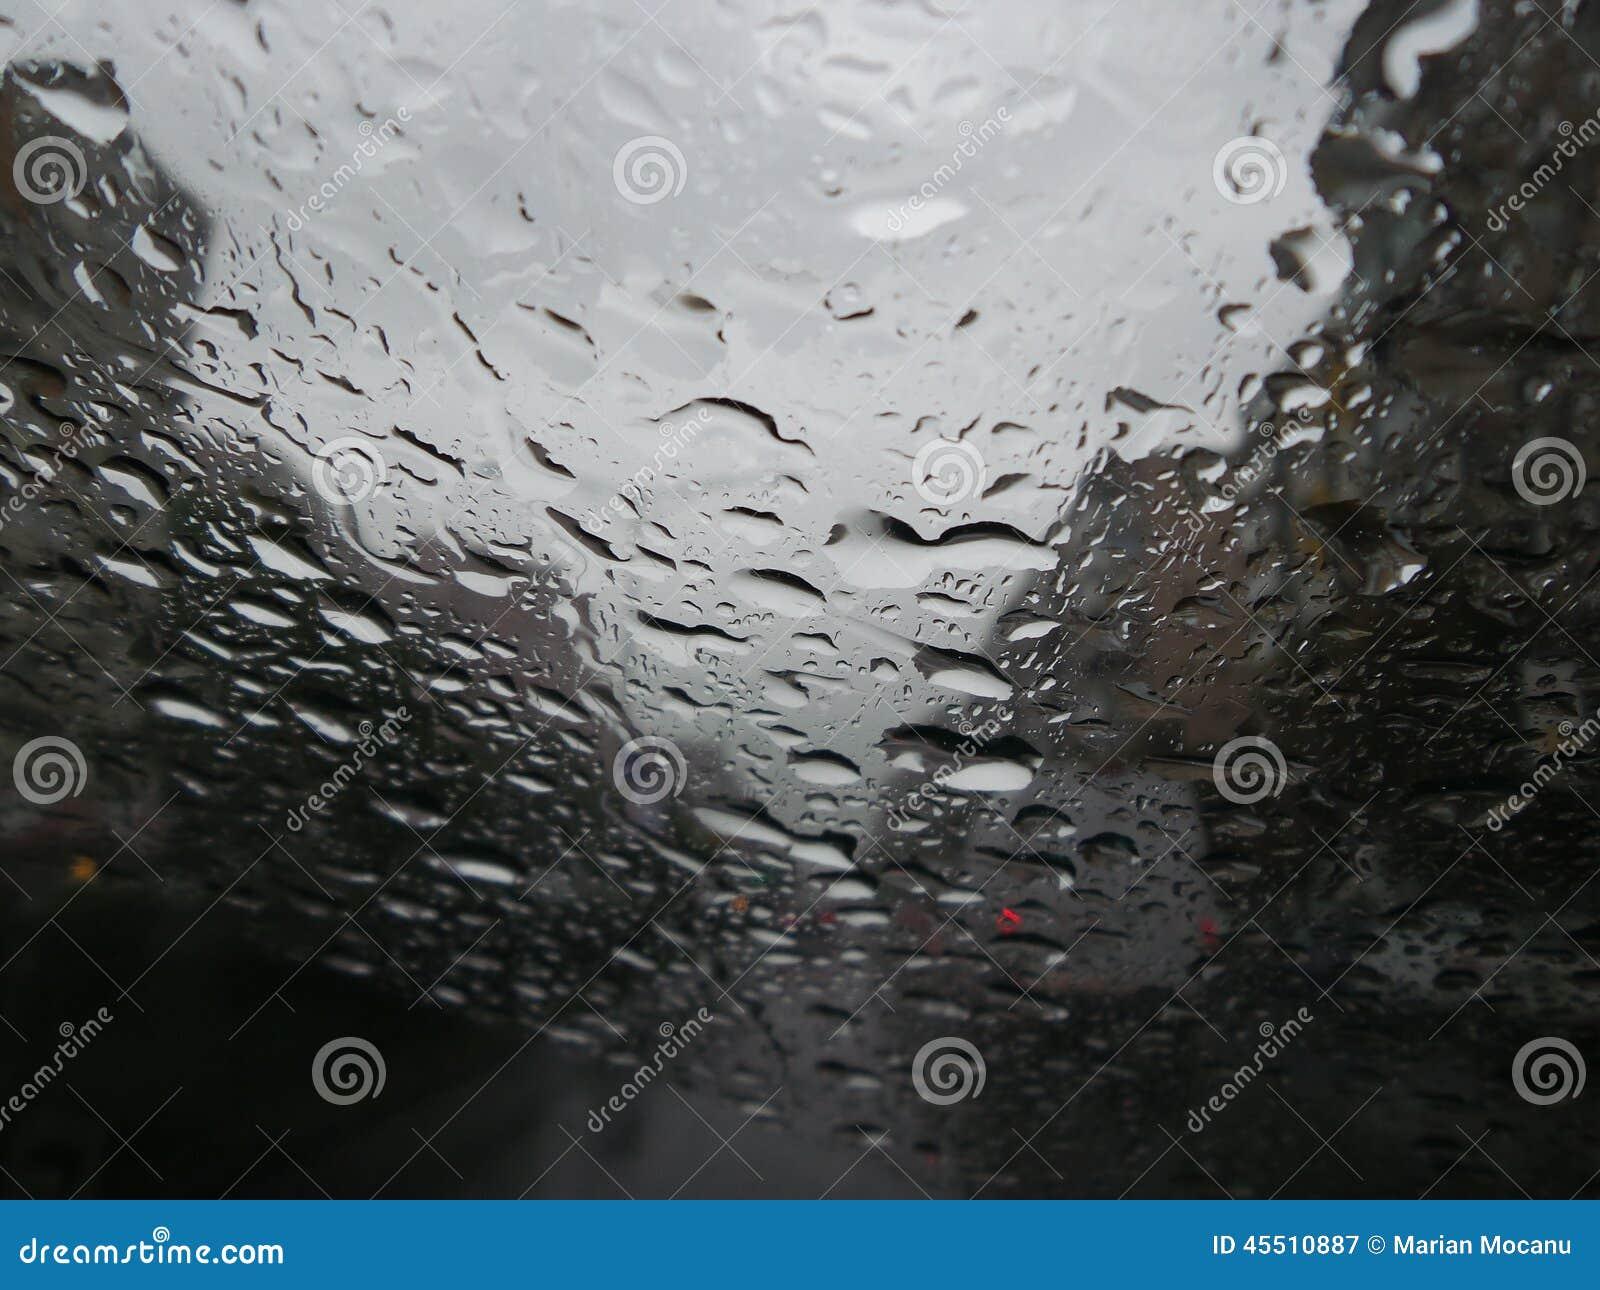 gouttes de pluie formant des filets sur un pare brise photo stock image 45510887. Black Bedroom Furniture Sets. Home Design Ideas